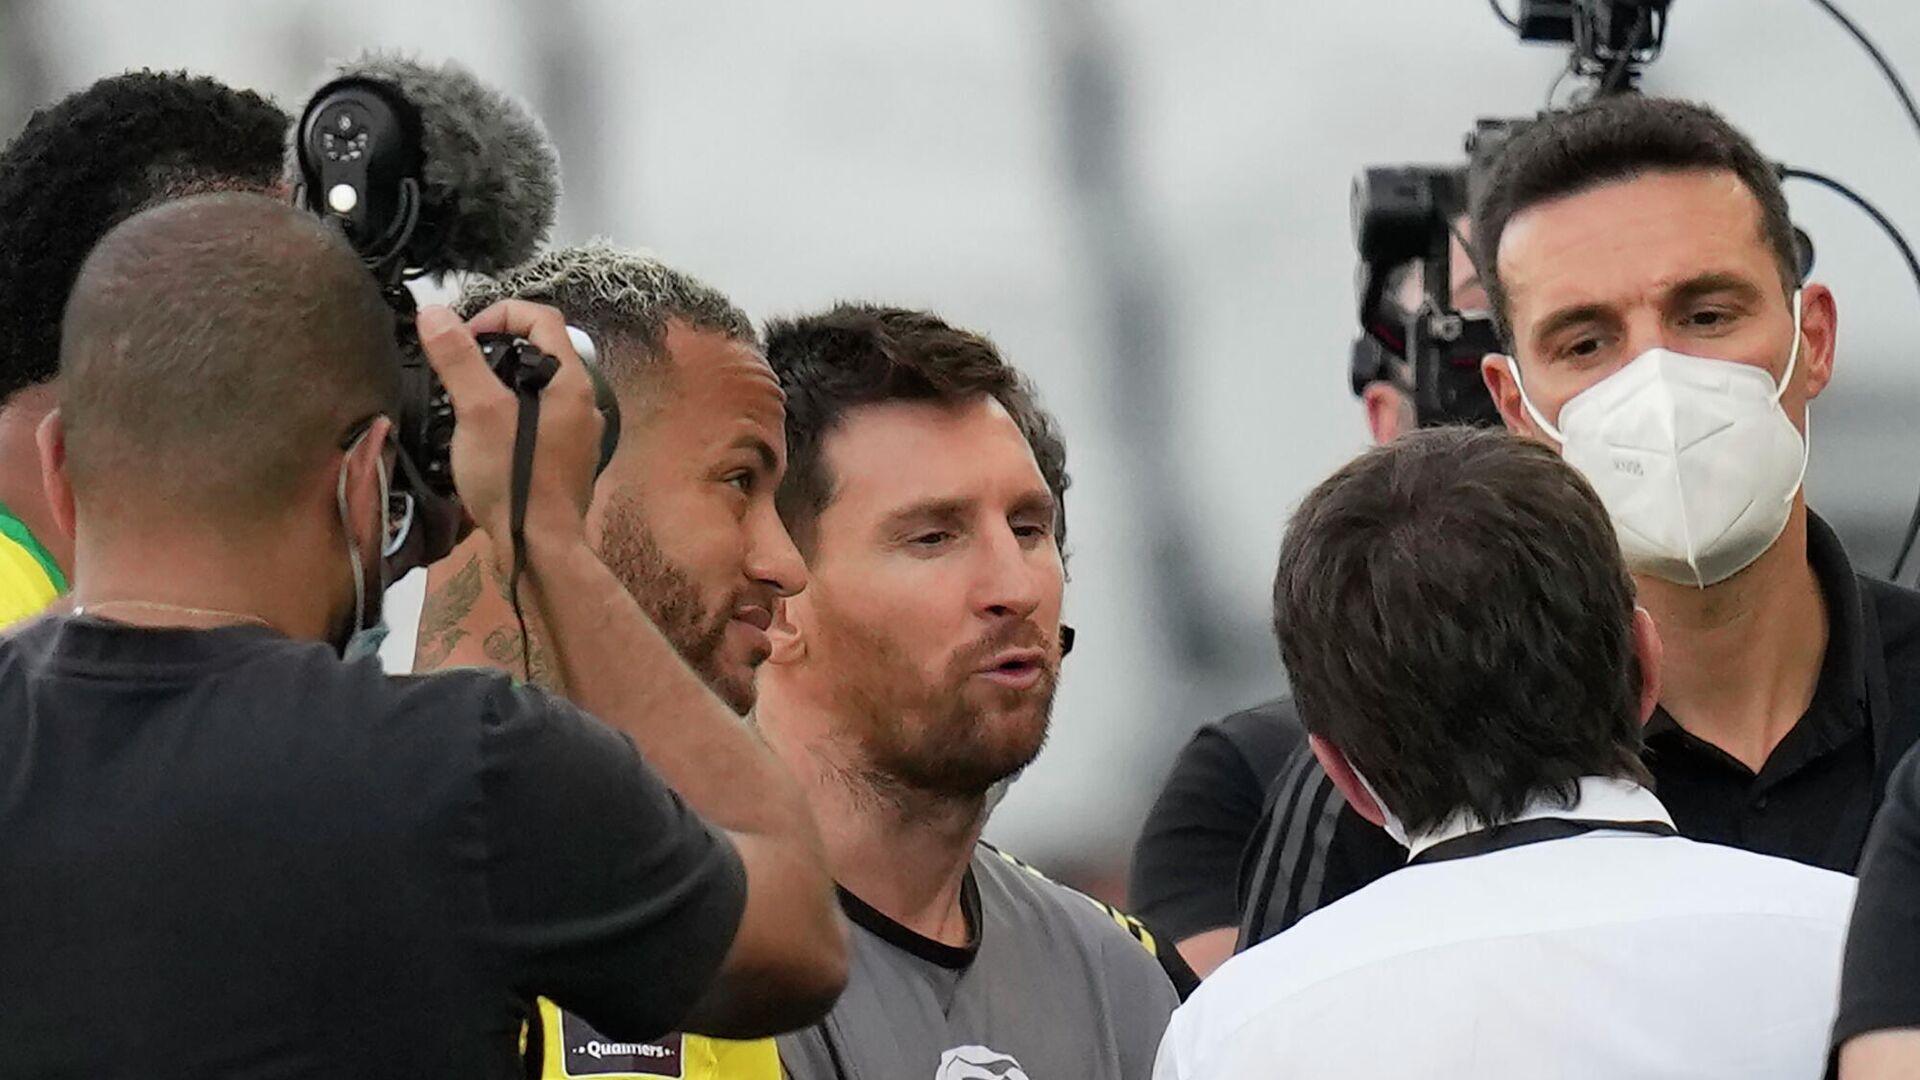 El argentino Lionel Messi y el brasileño Neymar discuten tras la suspensión de Brasil-Argentina por las Eliminatorias hacia Catar 2022 - Sputnik Mundo, 1920, 06.09.2021